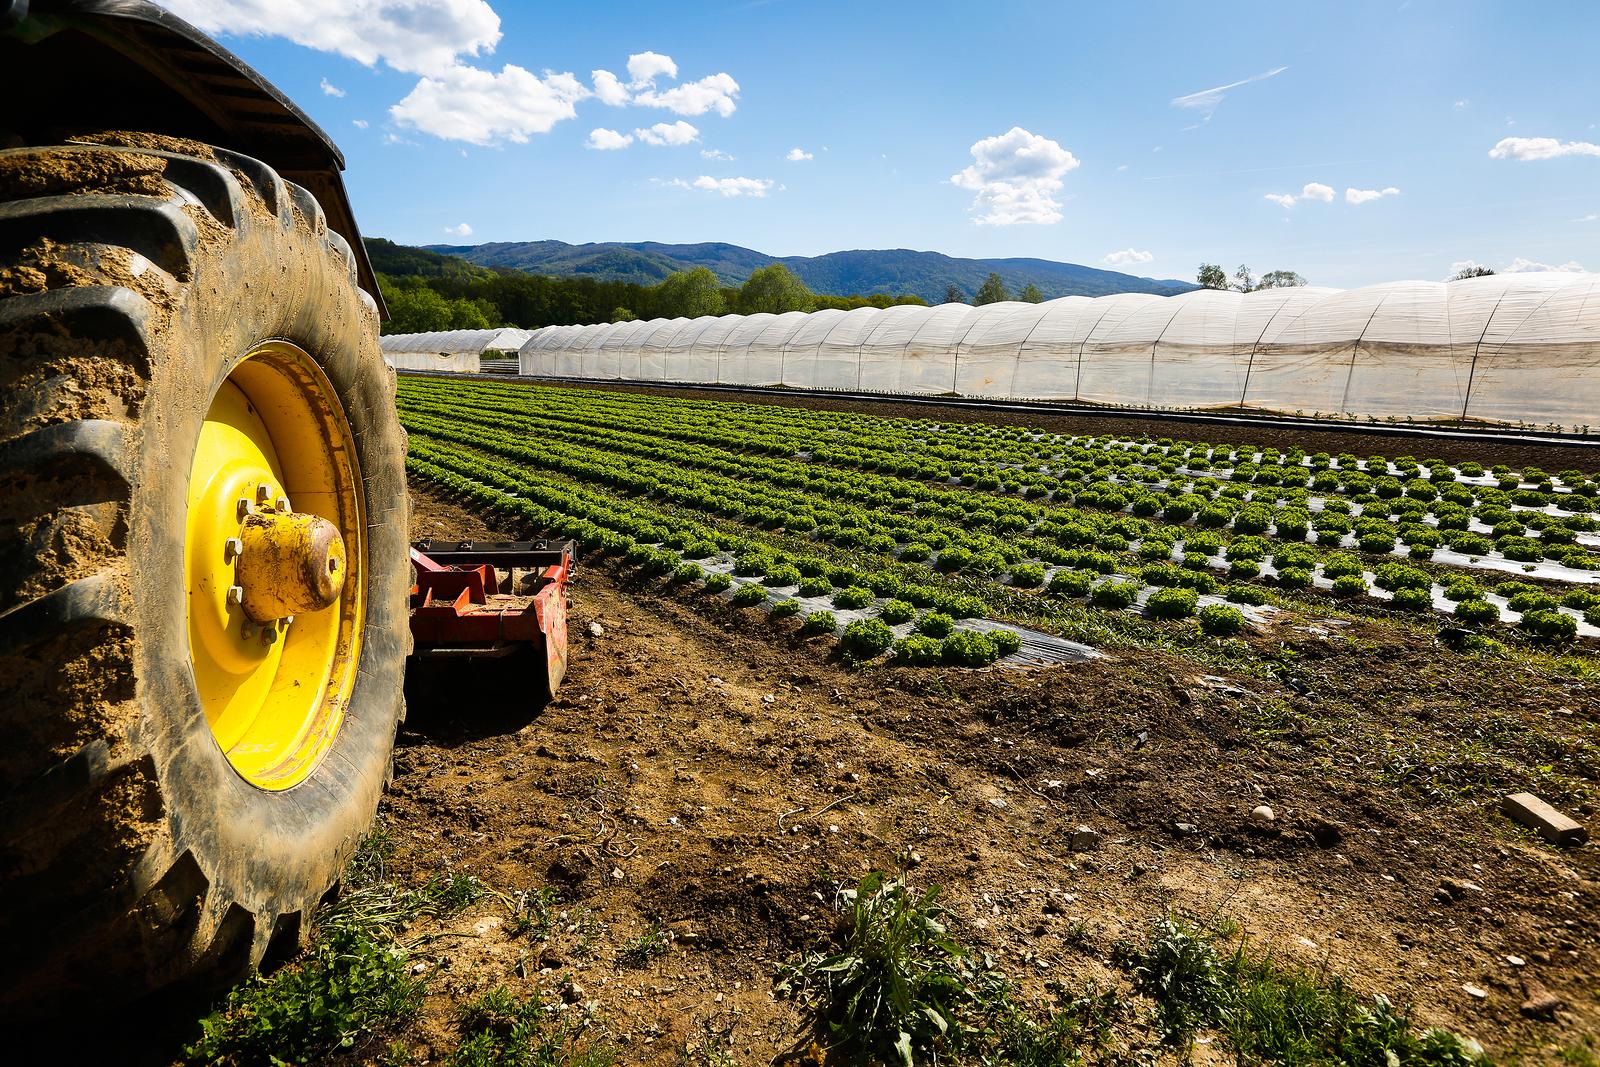 PIEMONTE: BANDO DA 2 MLN EURO PER MIGLIORARE AZIENDE AGRICOLE